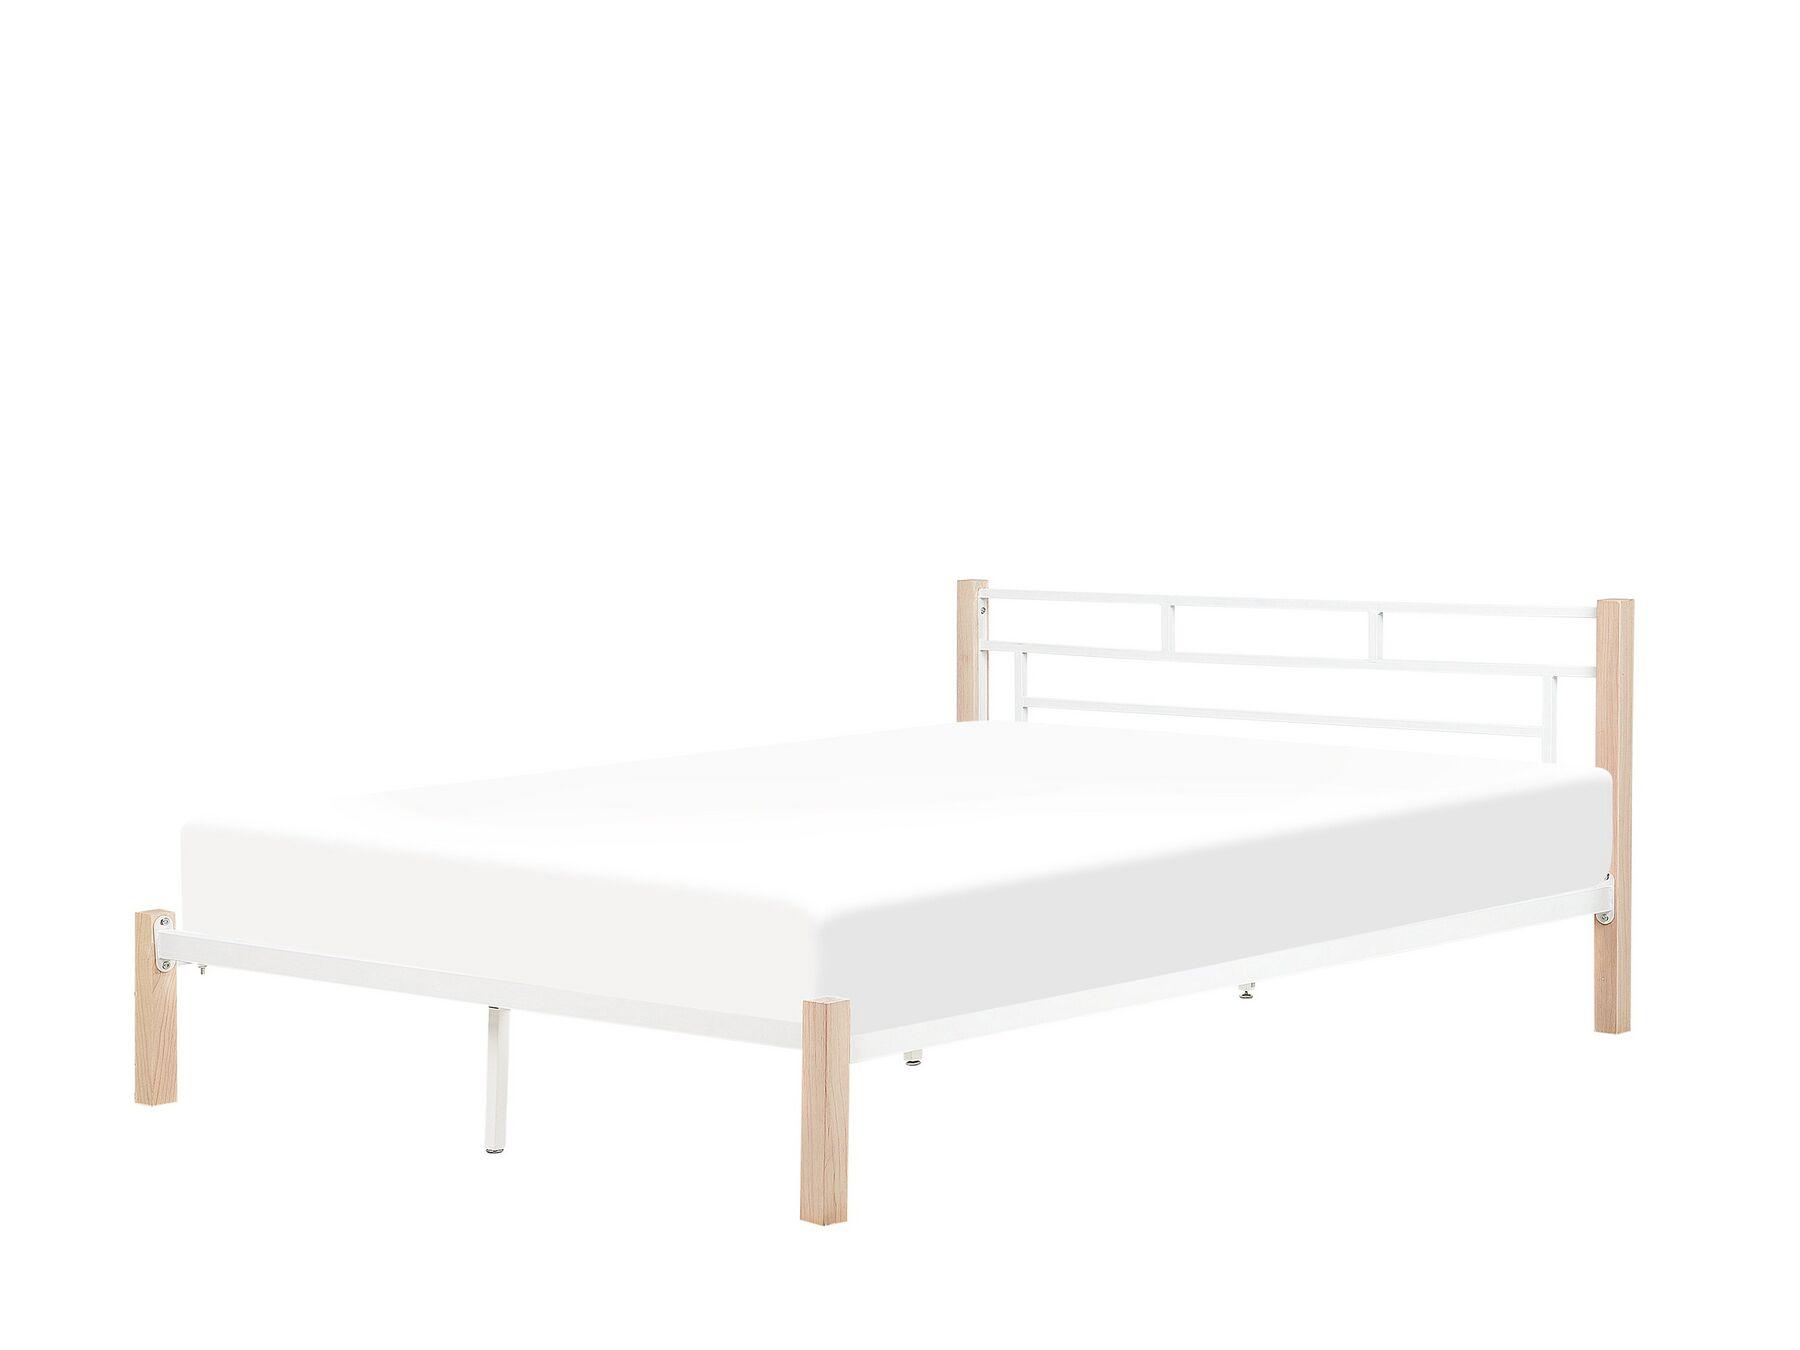 Full Size of Bett 160x200 Mit Lattenrost 5d1e830ba7791 120x190 Barock Kleinkind Ausziehbett Romantisches Oschmann Betten Aufbewahrung Ebay 140x220 180x200 Schwarz Weiß Bett Bett 120x190